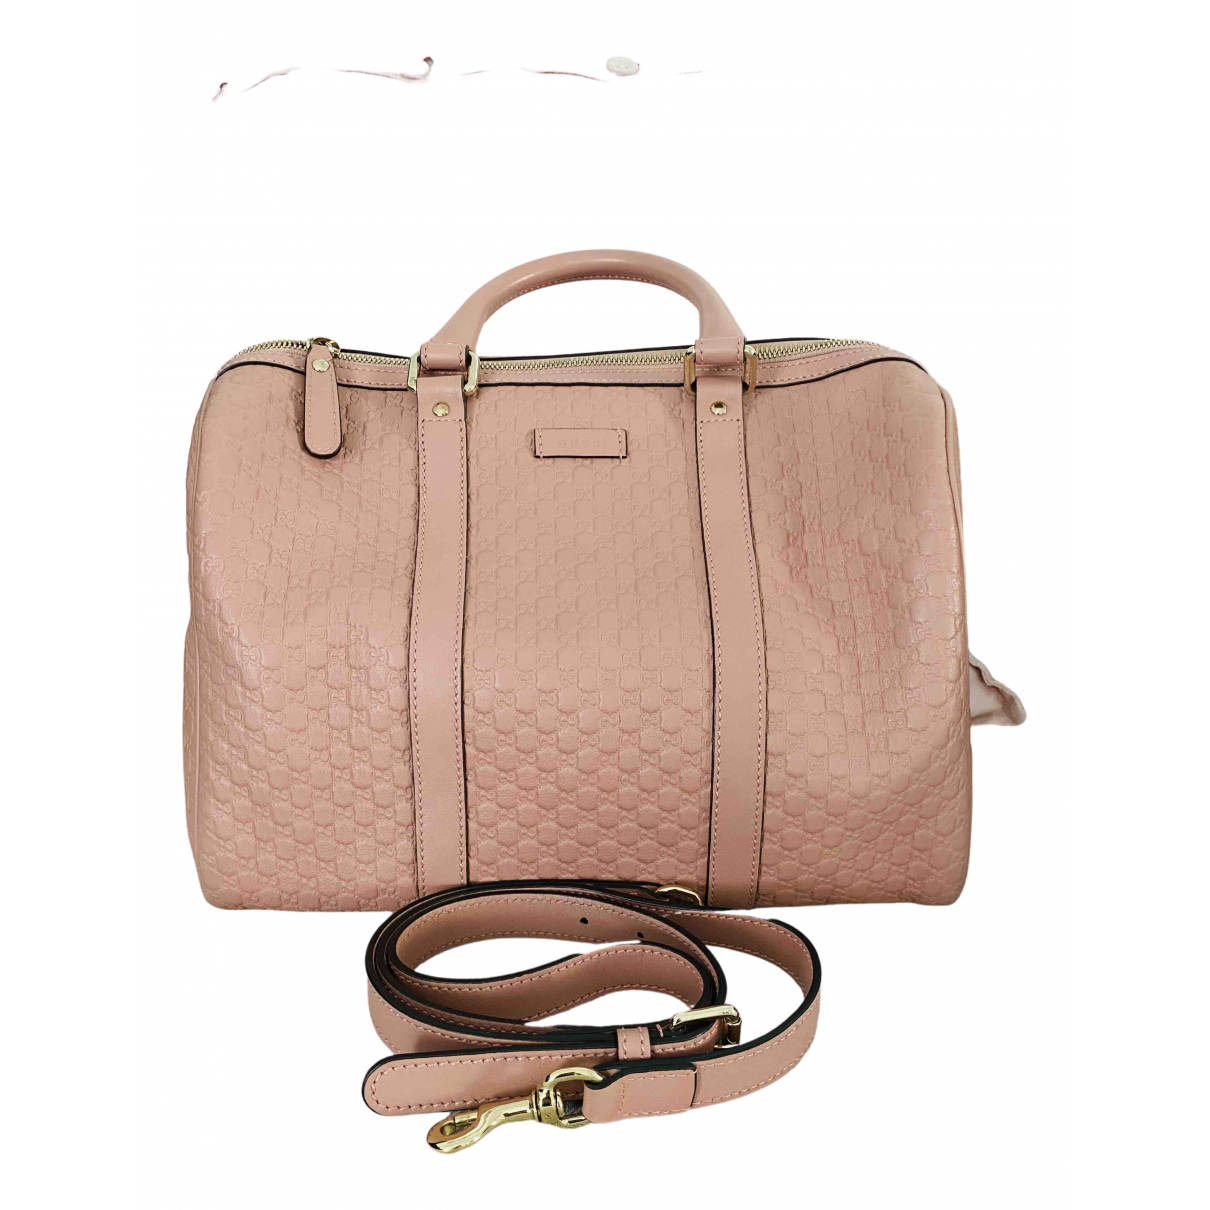 Gucci - Sac a main Boston pour femme en cuir - rose